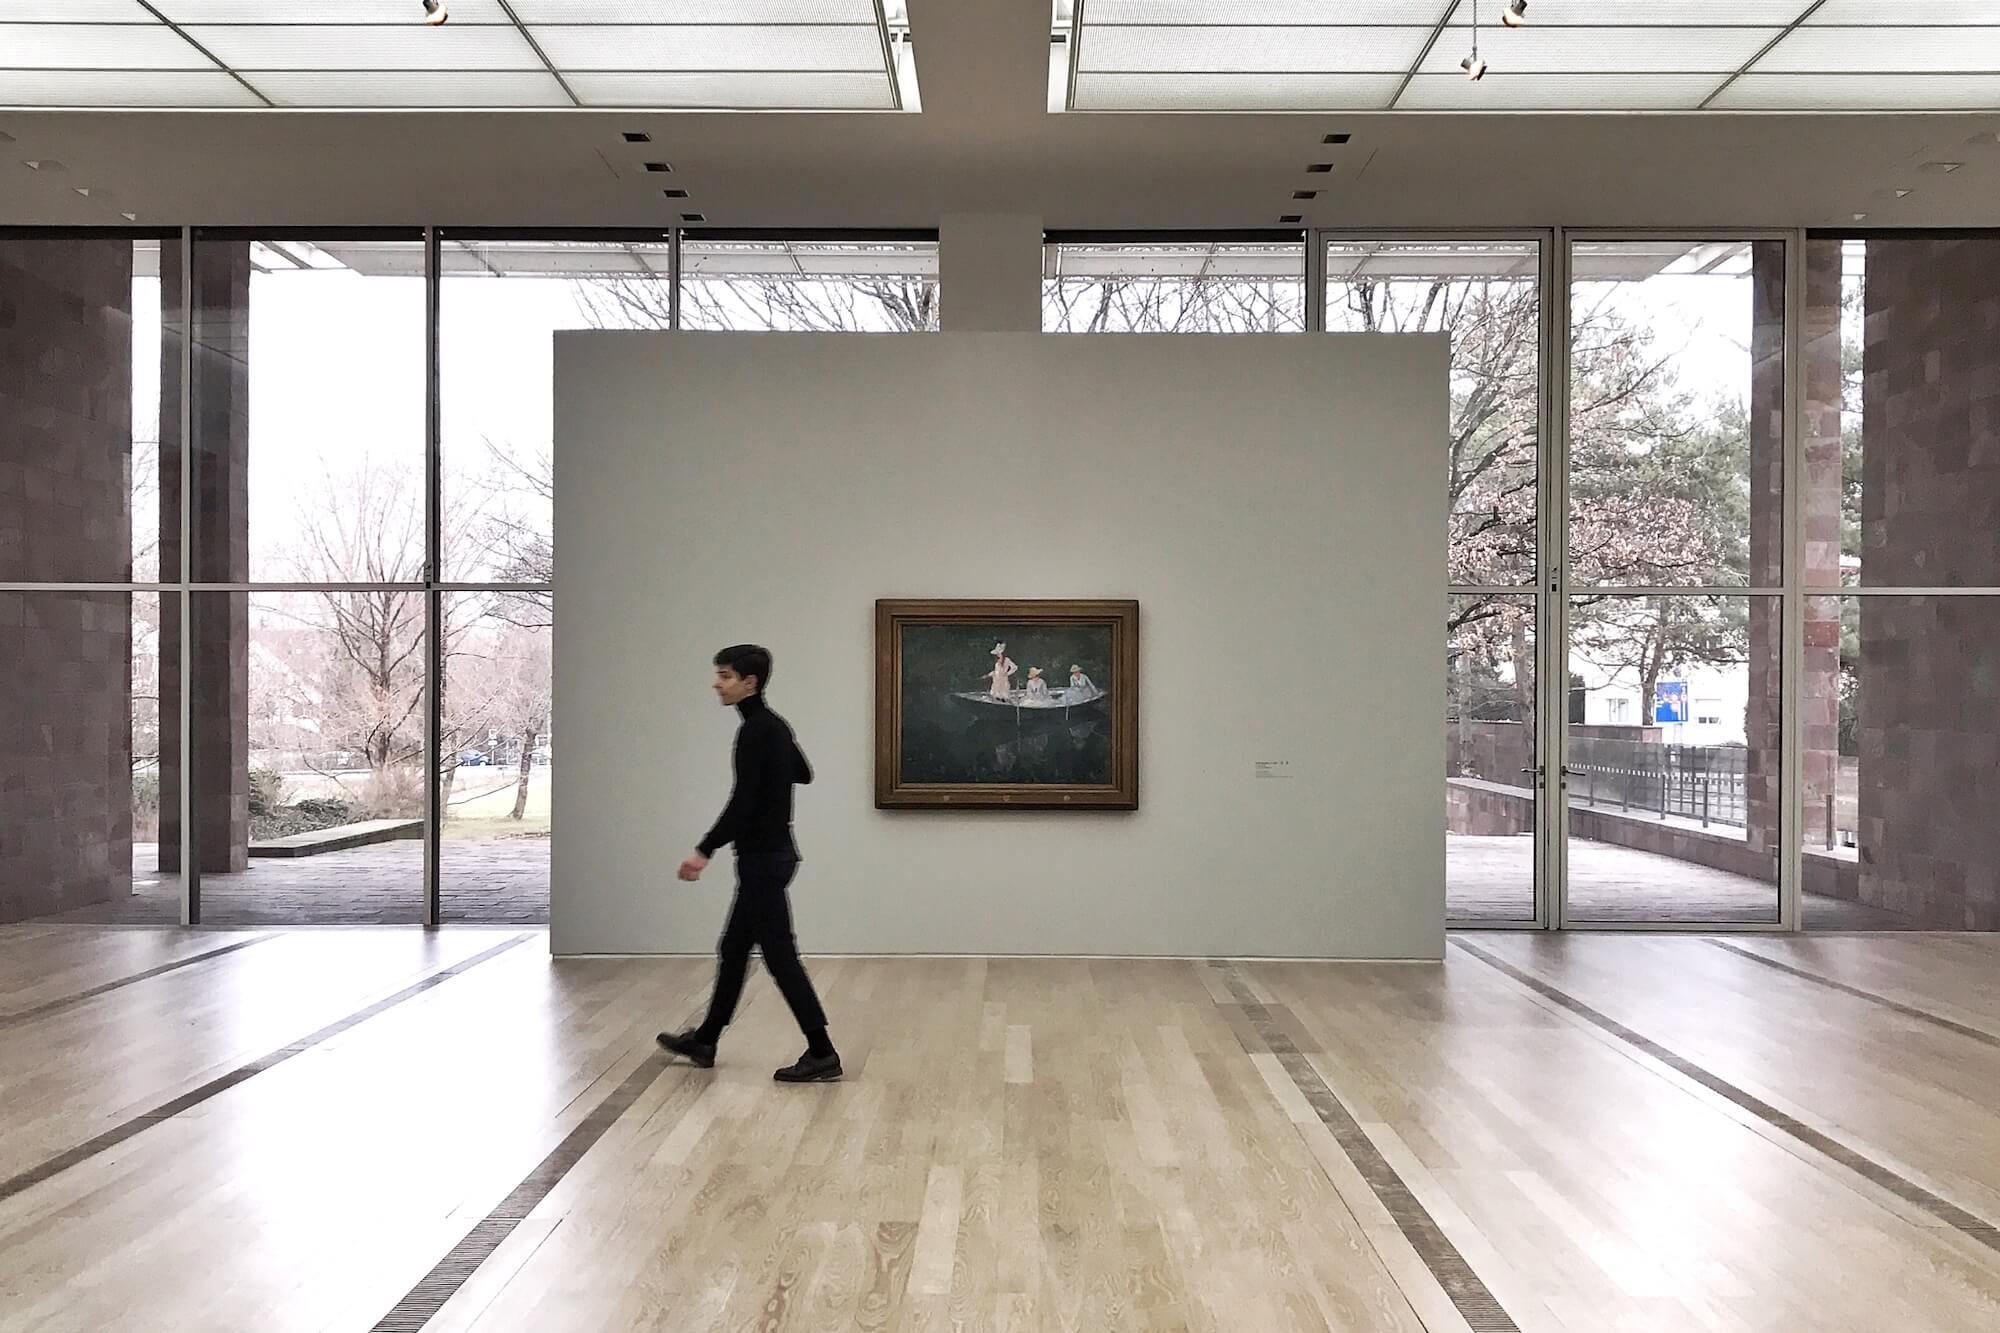 In der Monet-Ausstellung der Fondation Beyeler ist das Fotografieren im Museum kein Problem. Möglich machen es die gemeinfreien Werke.